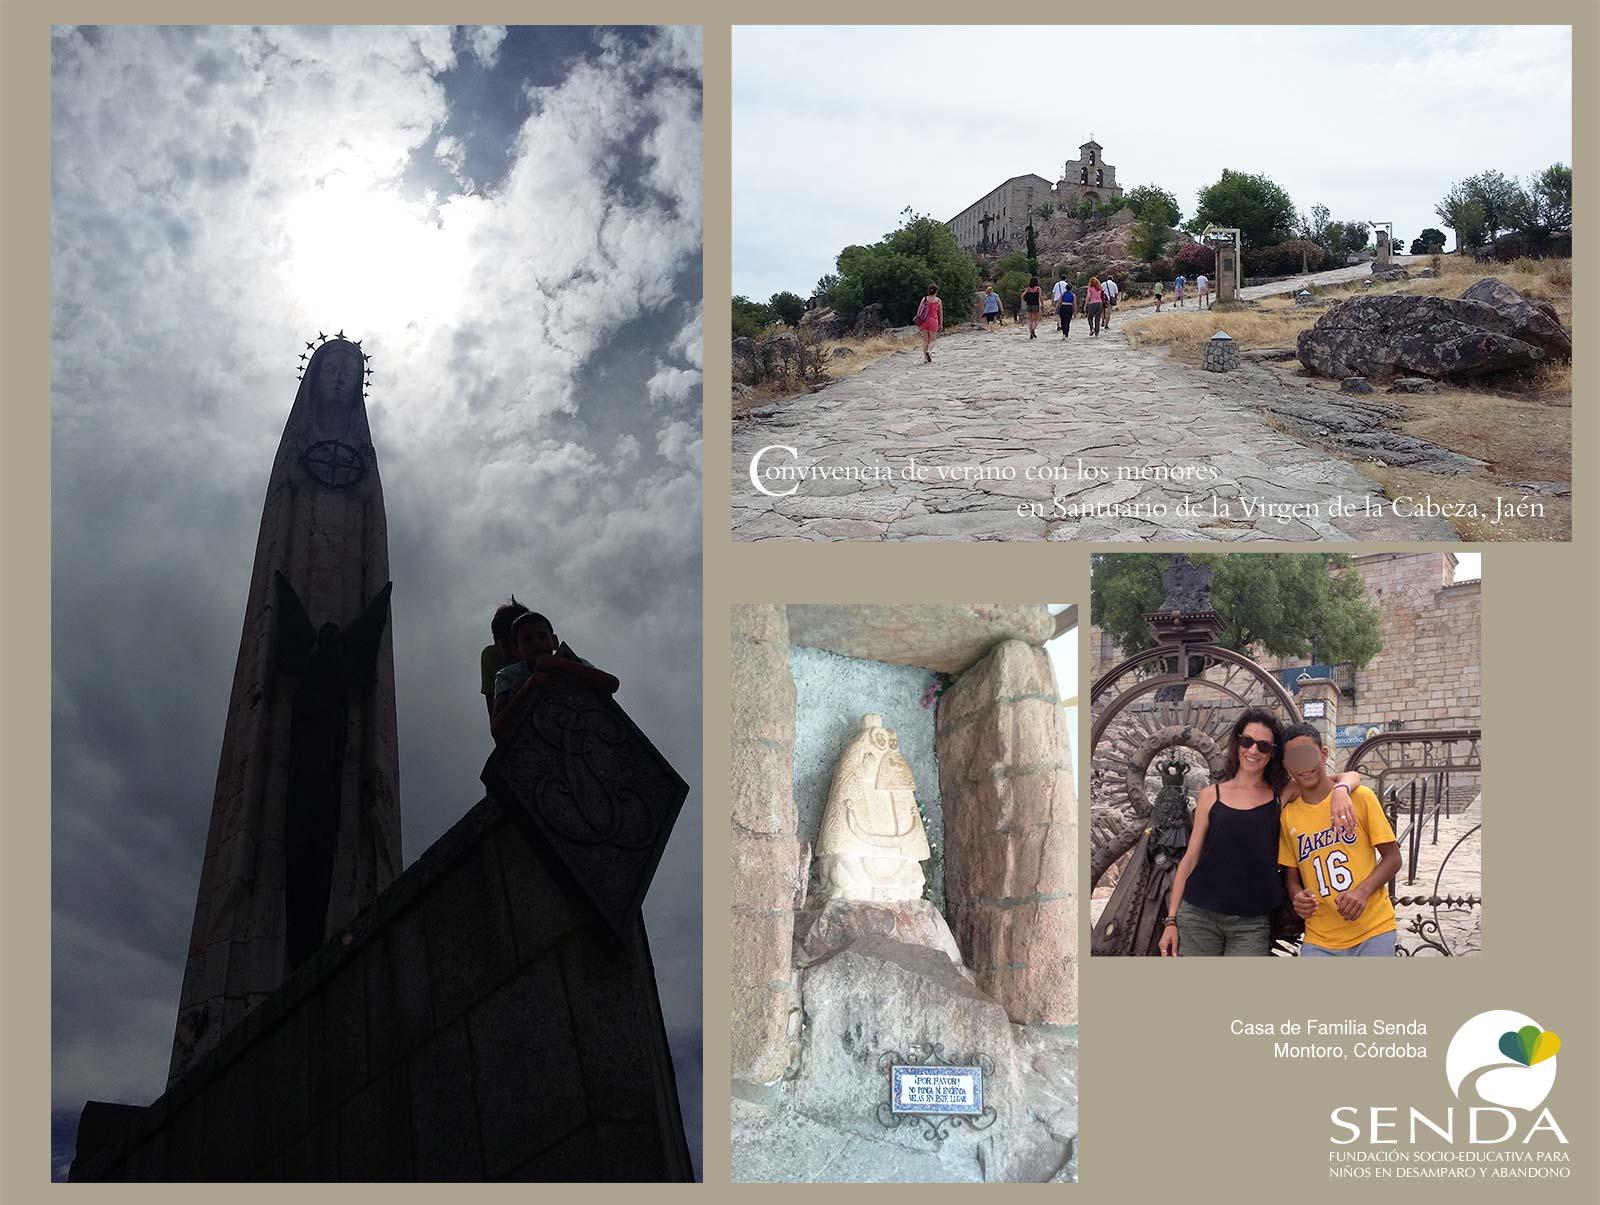 Convivencia verano 2016 Casa de Familia Senda Santuario de la Virgen de la Cabeza en el Cerro del Cabezo de Andújar Jaen